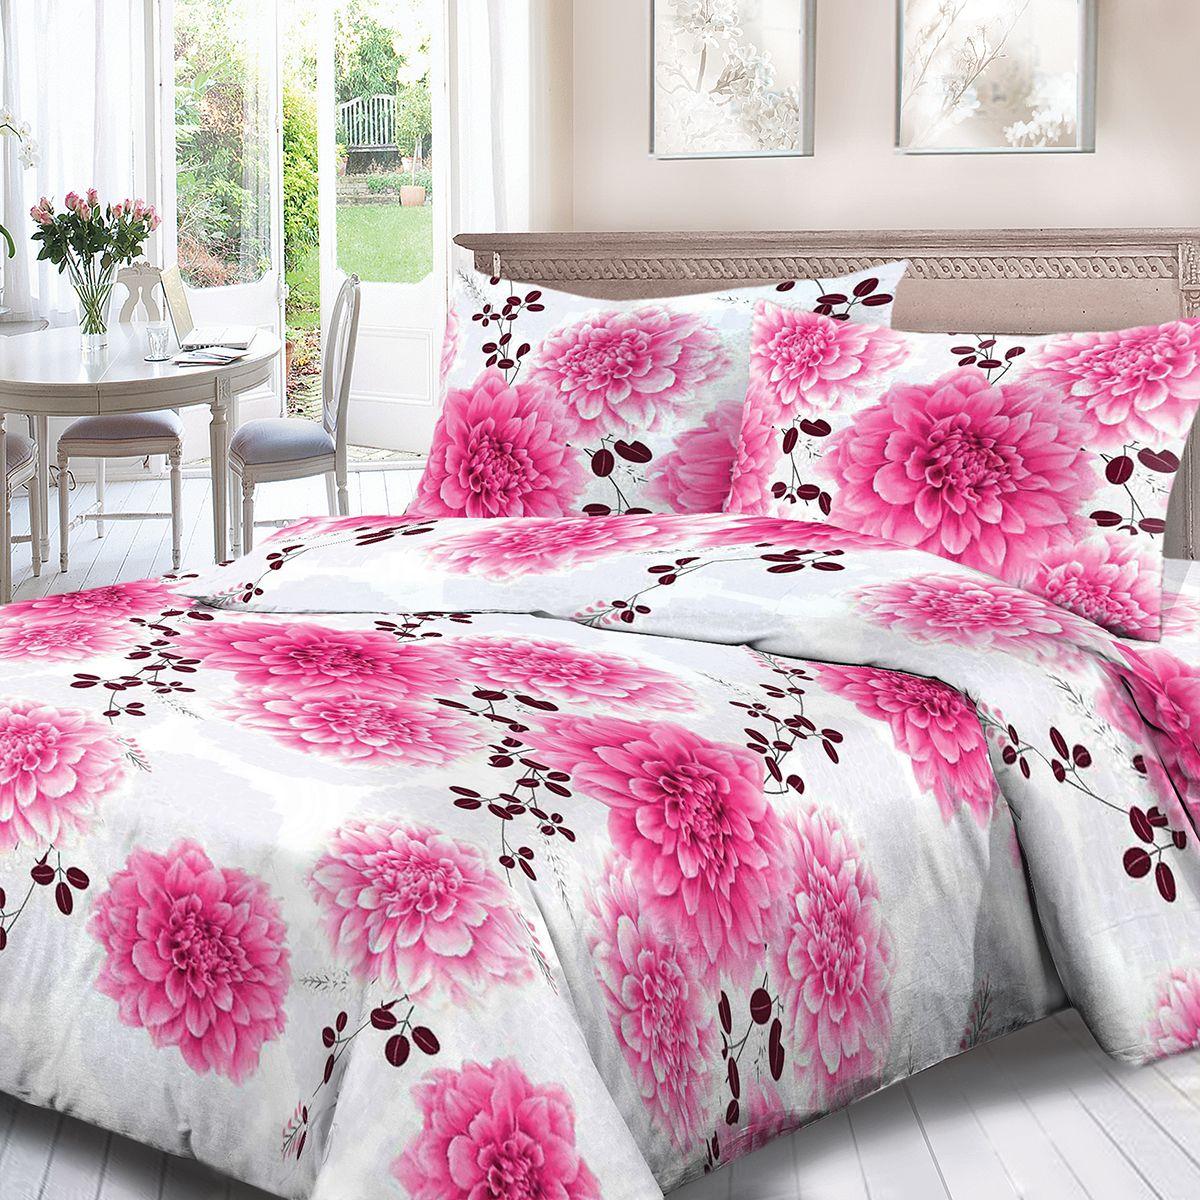 Комплект белья Для Снов Флер, 2-спальное, наволочки 70x70, цвет: розовый86501Постельное белье из высококачественного поплина ( Ткань Традиция) , в составе которого находится только 100% мерсеризованный хлопок - это идеальный выбор современной женщины. Мерсеризация подчеркивает лучшие свойства хлопка:- Ткань прочнее обычной, при этом мягкая и шелковистая;- Цвета яркие и устойчивые;- Высокая гигроскопичность;- Меньше мнется, не линяет и не садится при многократных стирках;При производстве используются только безопасные красители ведущего швейцарского производителя BEZEMAКоллекция отличается тщательно проработанными современными дизайнами, разделенными на тематические группы. Созданные талантливыми европейскими и российскими художниками, они поражают своей нежной красотой, а восхитительная упаковка придает комплекту подарочный вид. Плотность ткани: 110 г/м.кв.